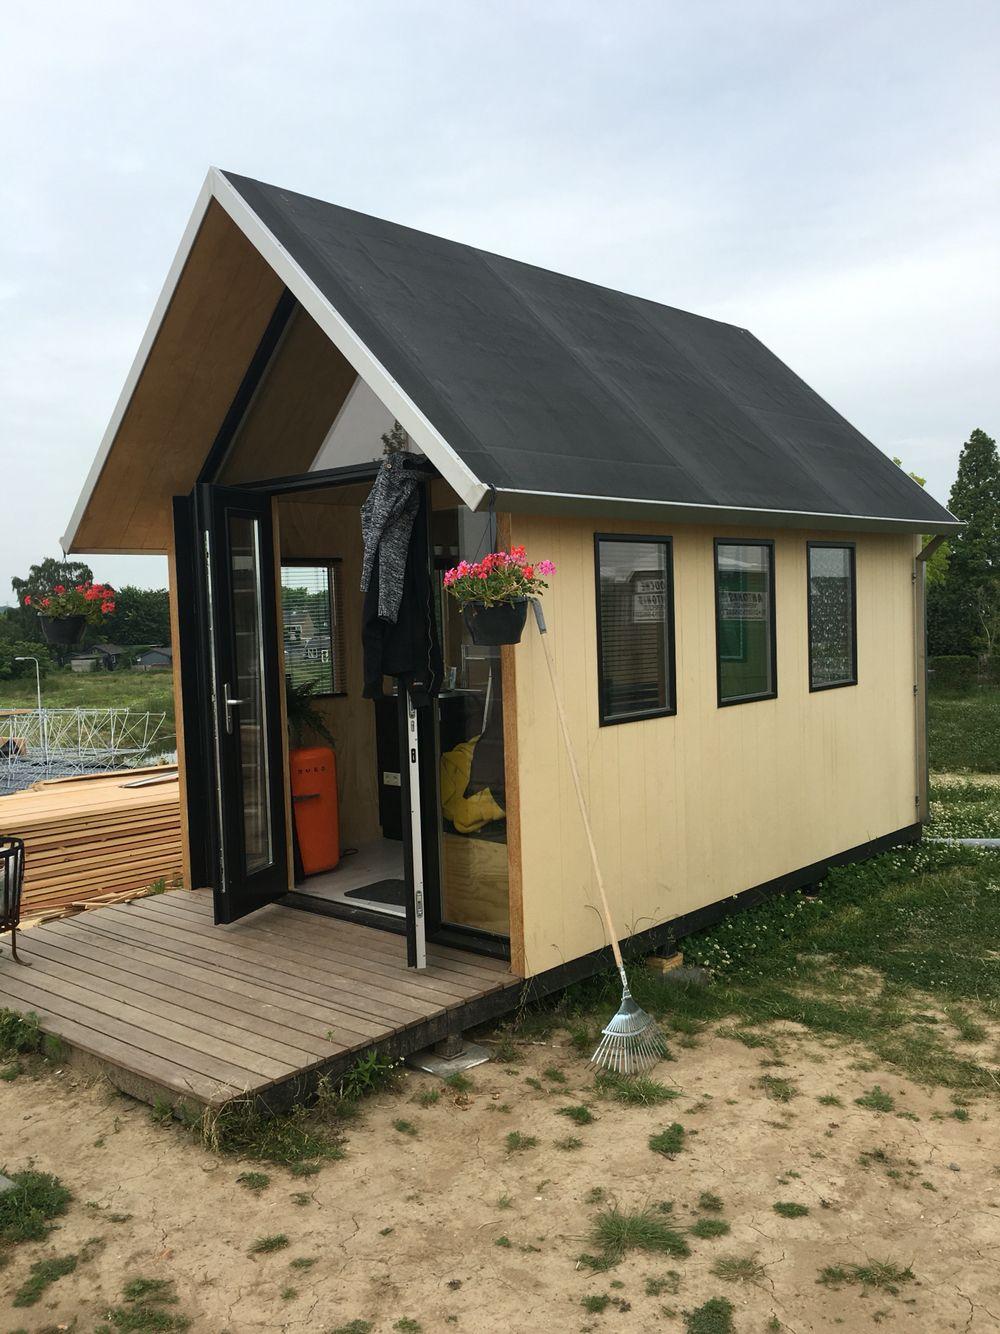 Trotsen Tijdelijke Bewoner Van Dit Prachtige Tiny House